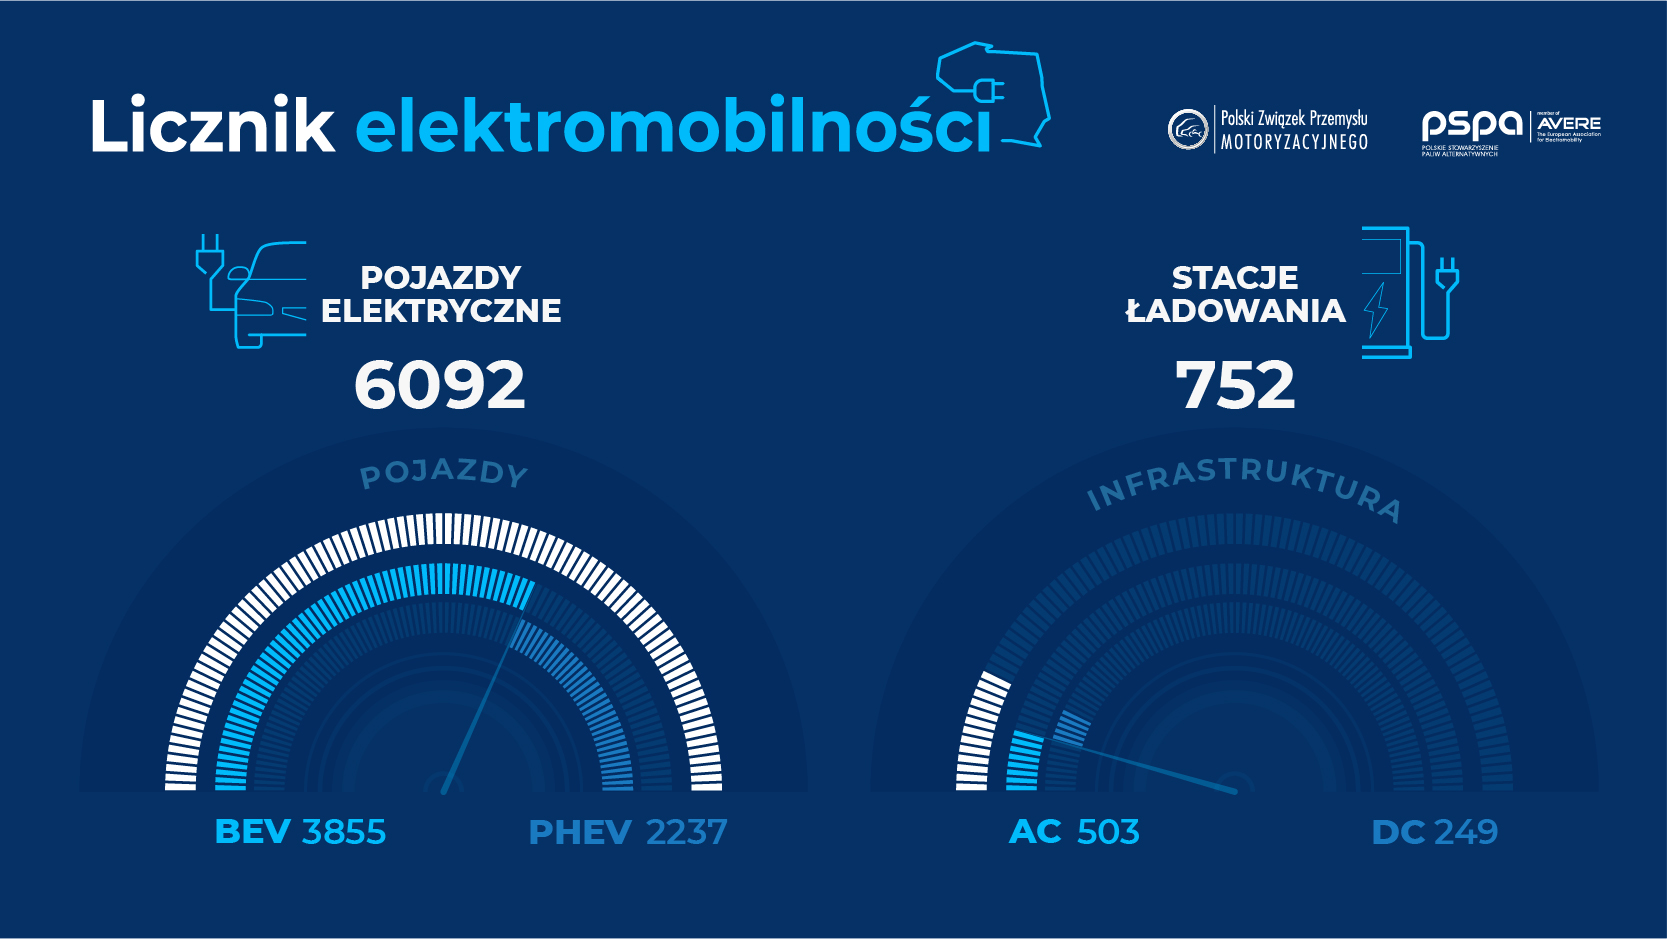 Licznik elektromobilności, czerwiec 2019.jpg